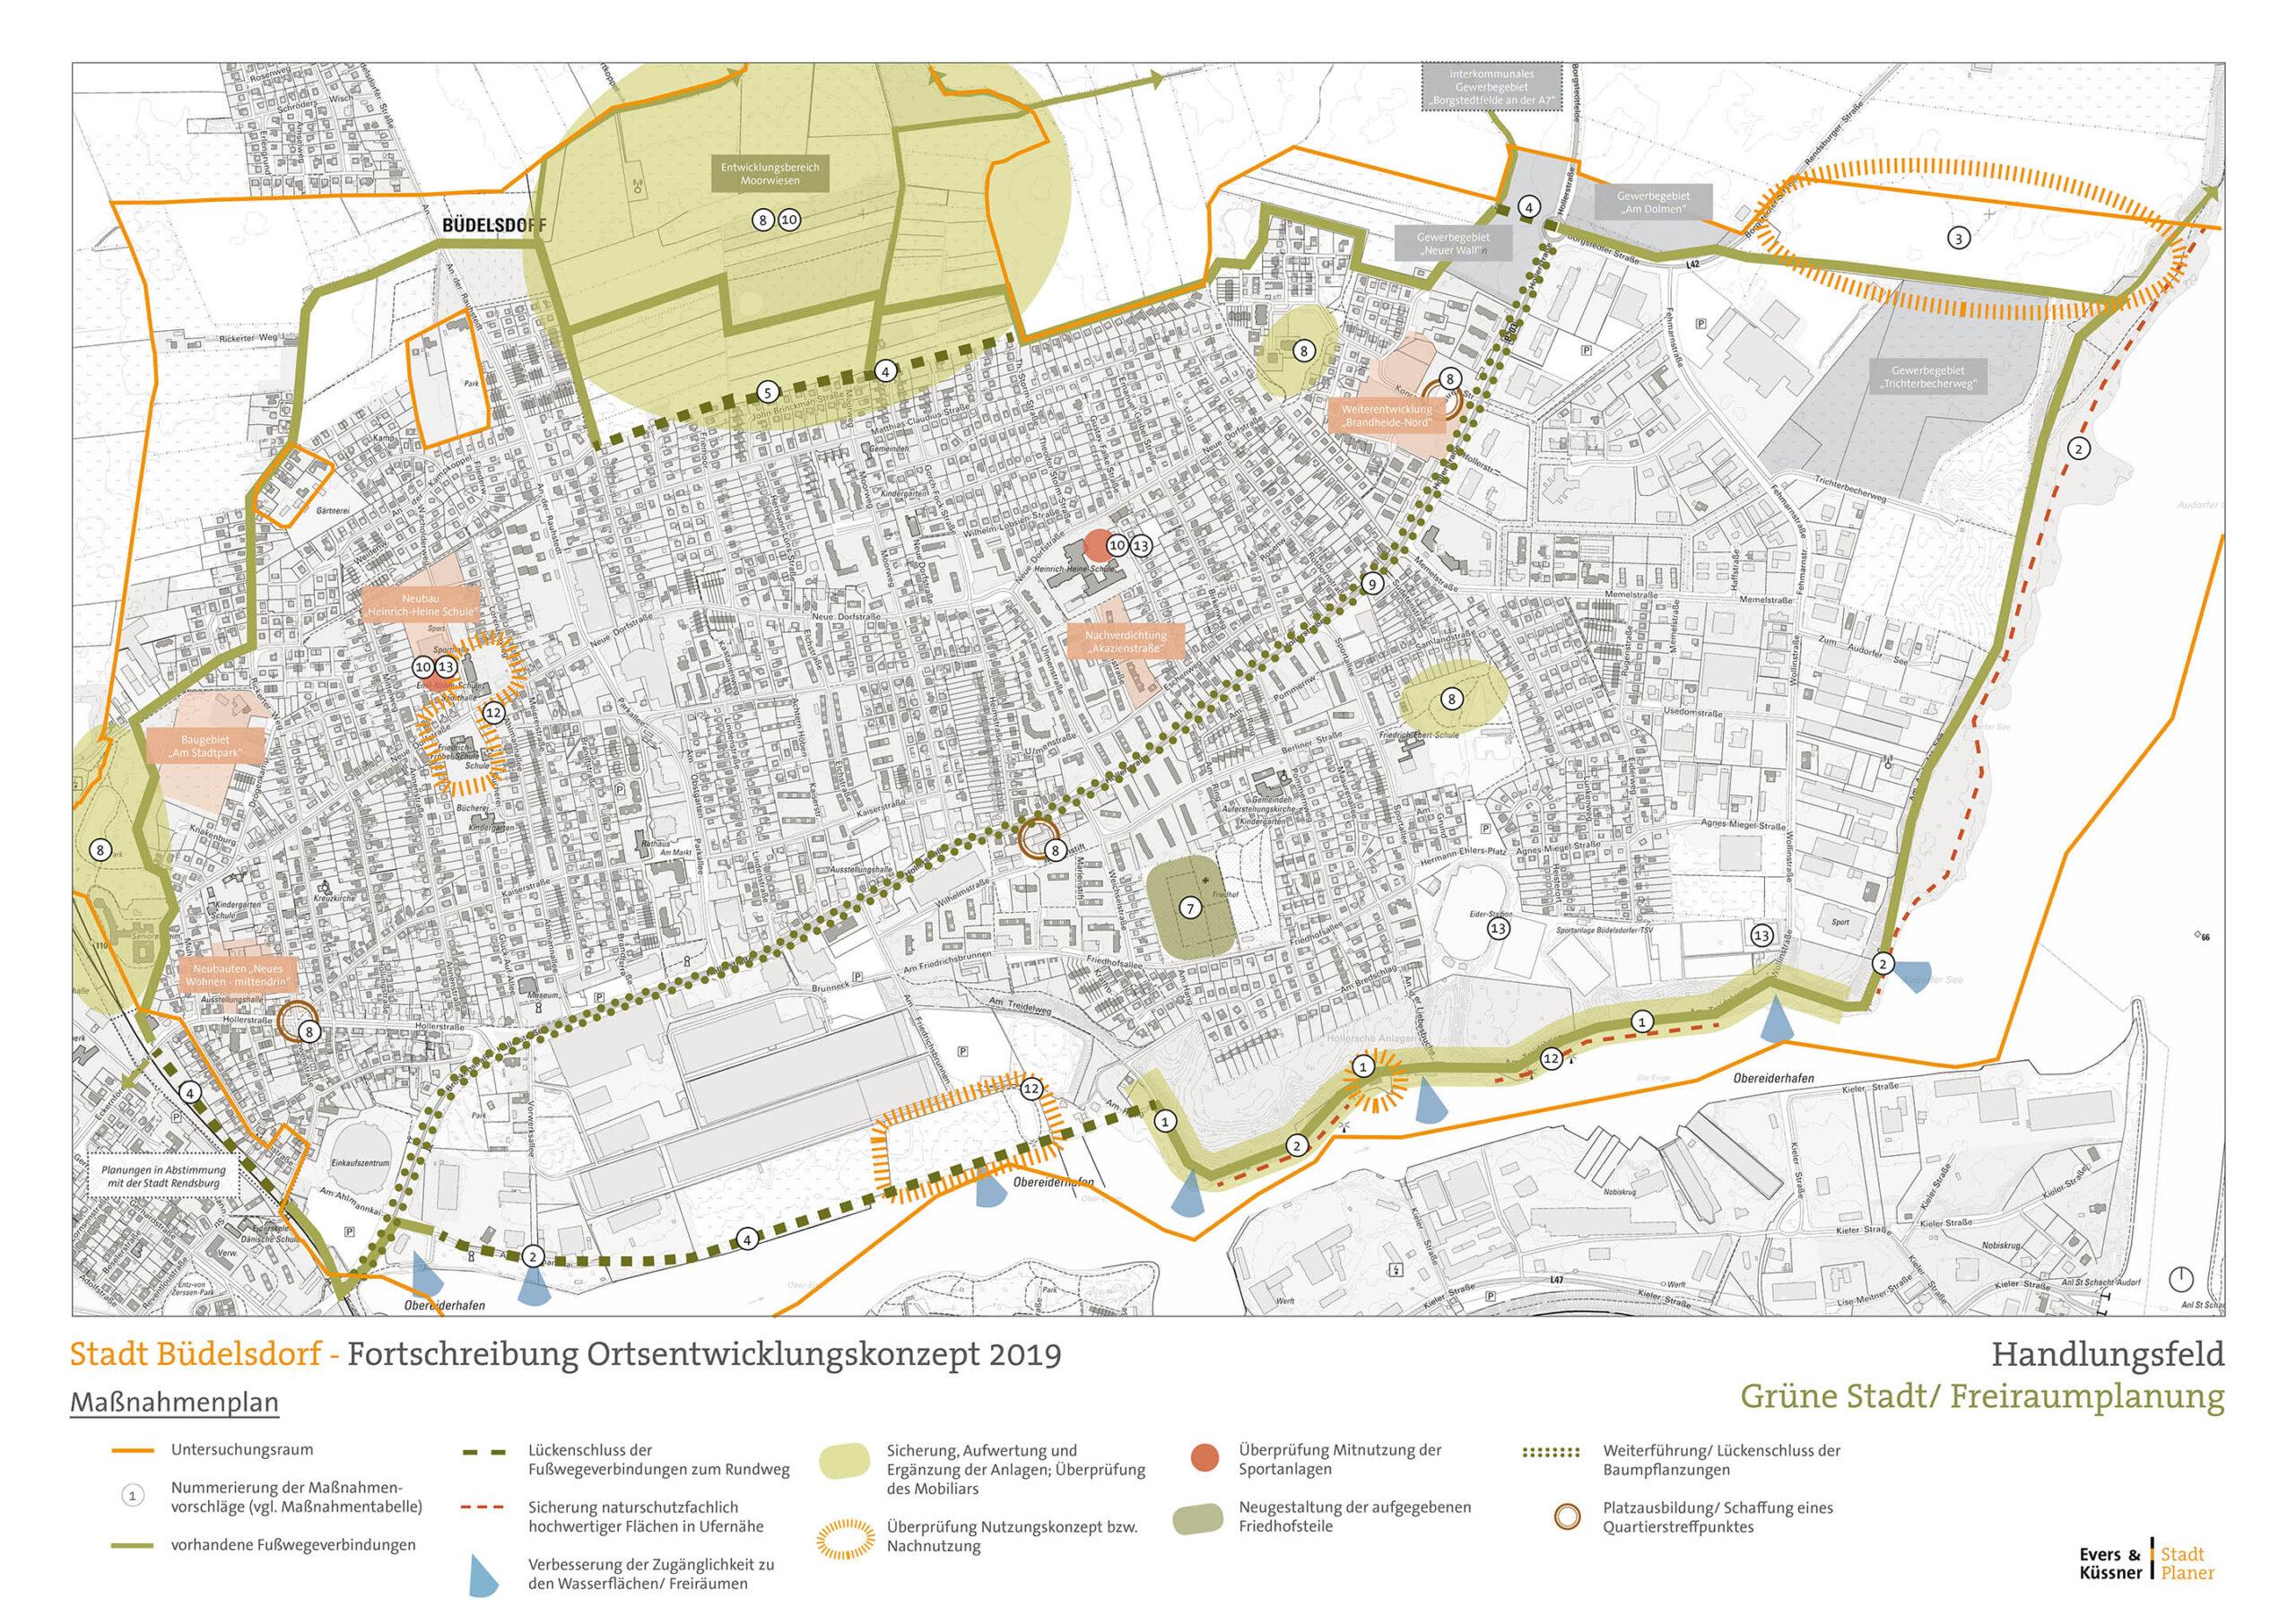 Neuaufstellung des Ortsentwicklungskonzepts, Stadt Büdelsdorf